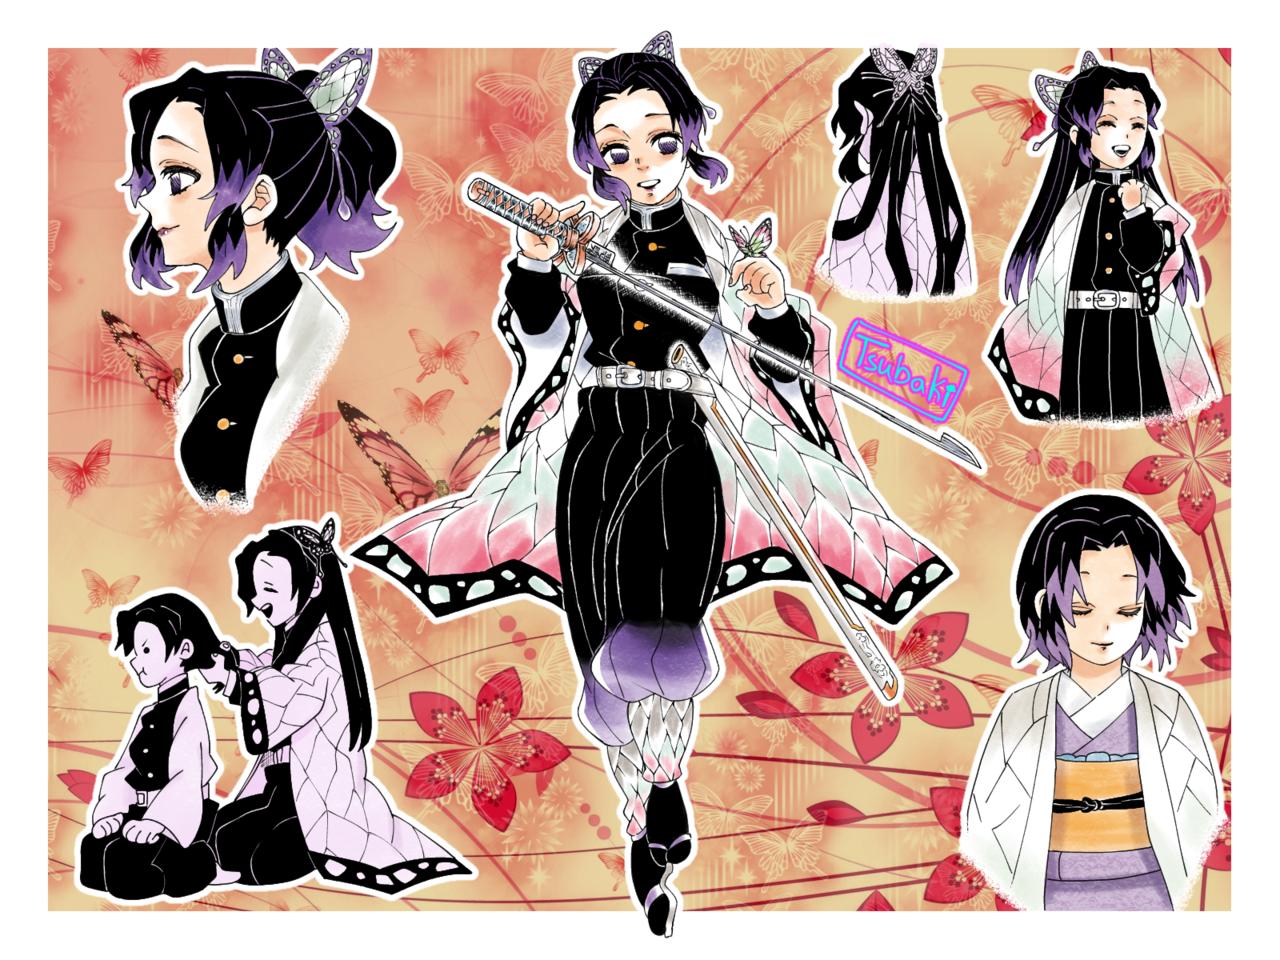 胡蝶しのぶ Illust of SaraLuna02 manga girl しのぶ KimetsunoYaiba butterfly anime しのぶさん KochouShinobu hair